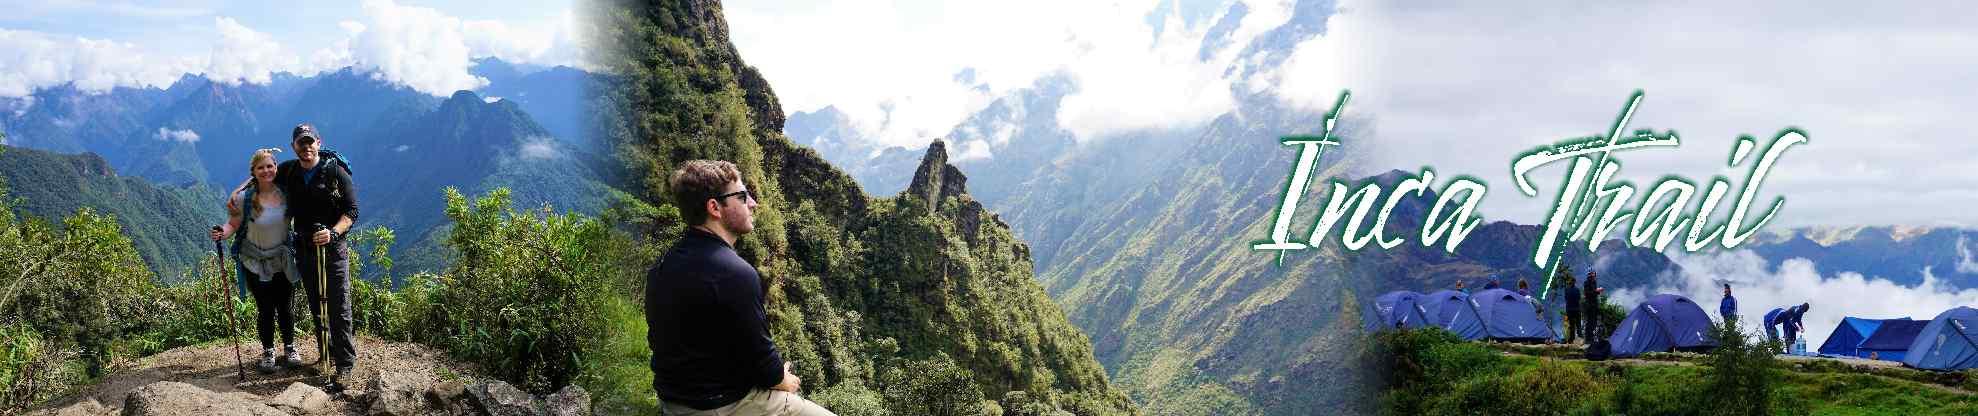 Inca Trail Trek to Machu Picchu, the best trek in South America